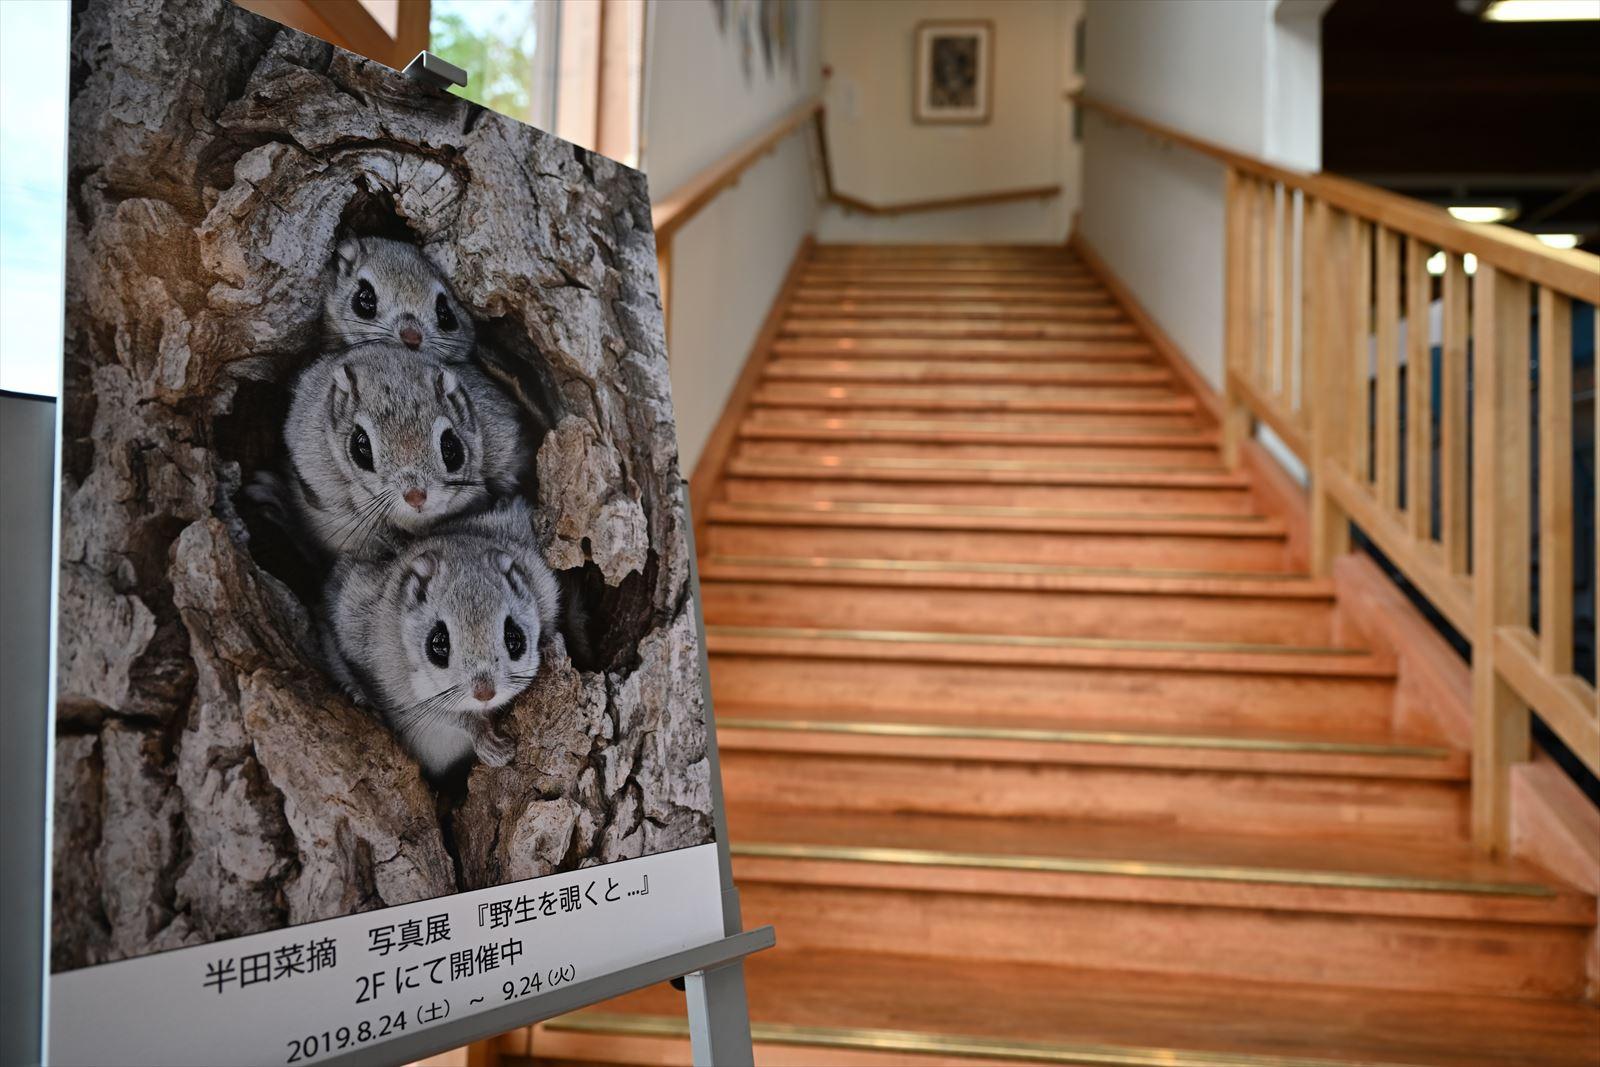 半田菜摘写真展 at モンベル大雪ひがしかわ店 + 映画『 フリーソロ 』 + 『 五穀 』_a0145819_14325373.jpg